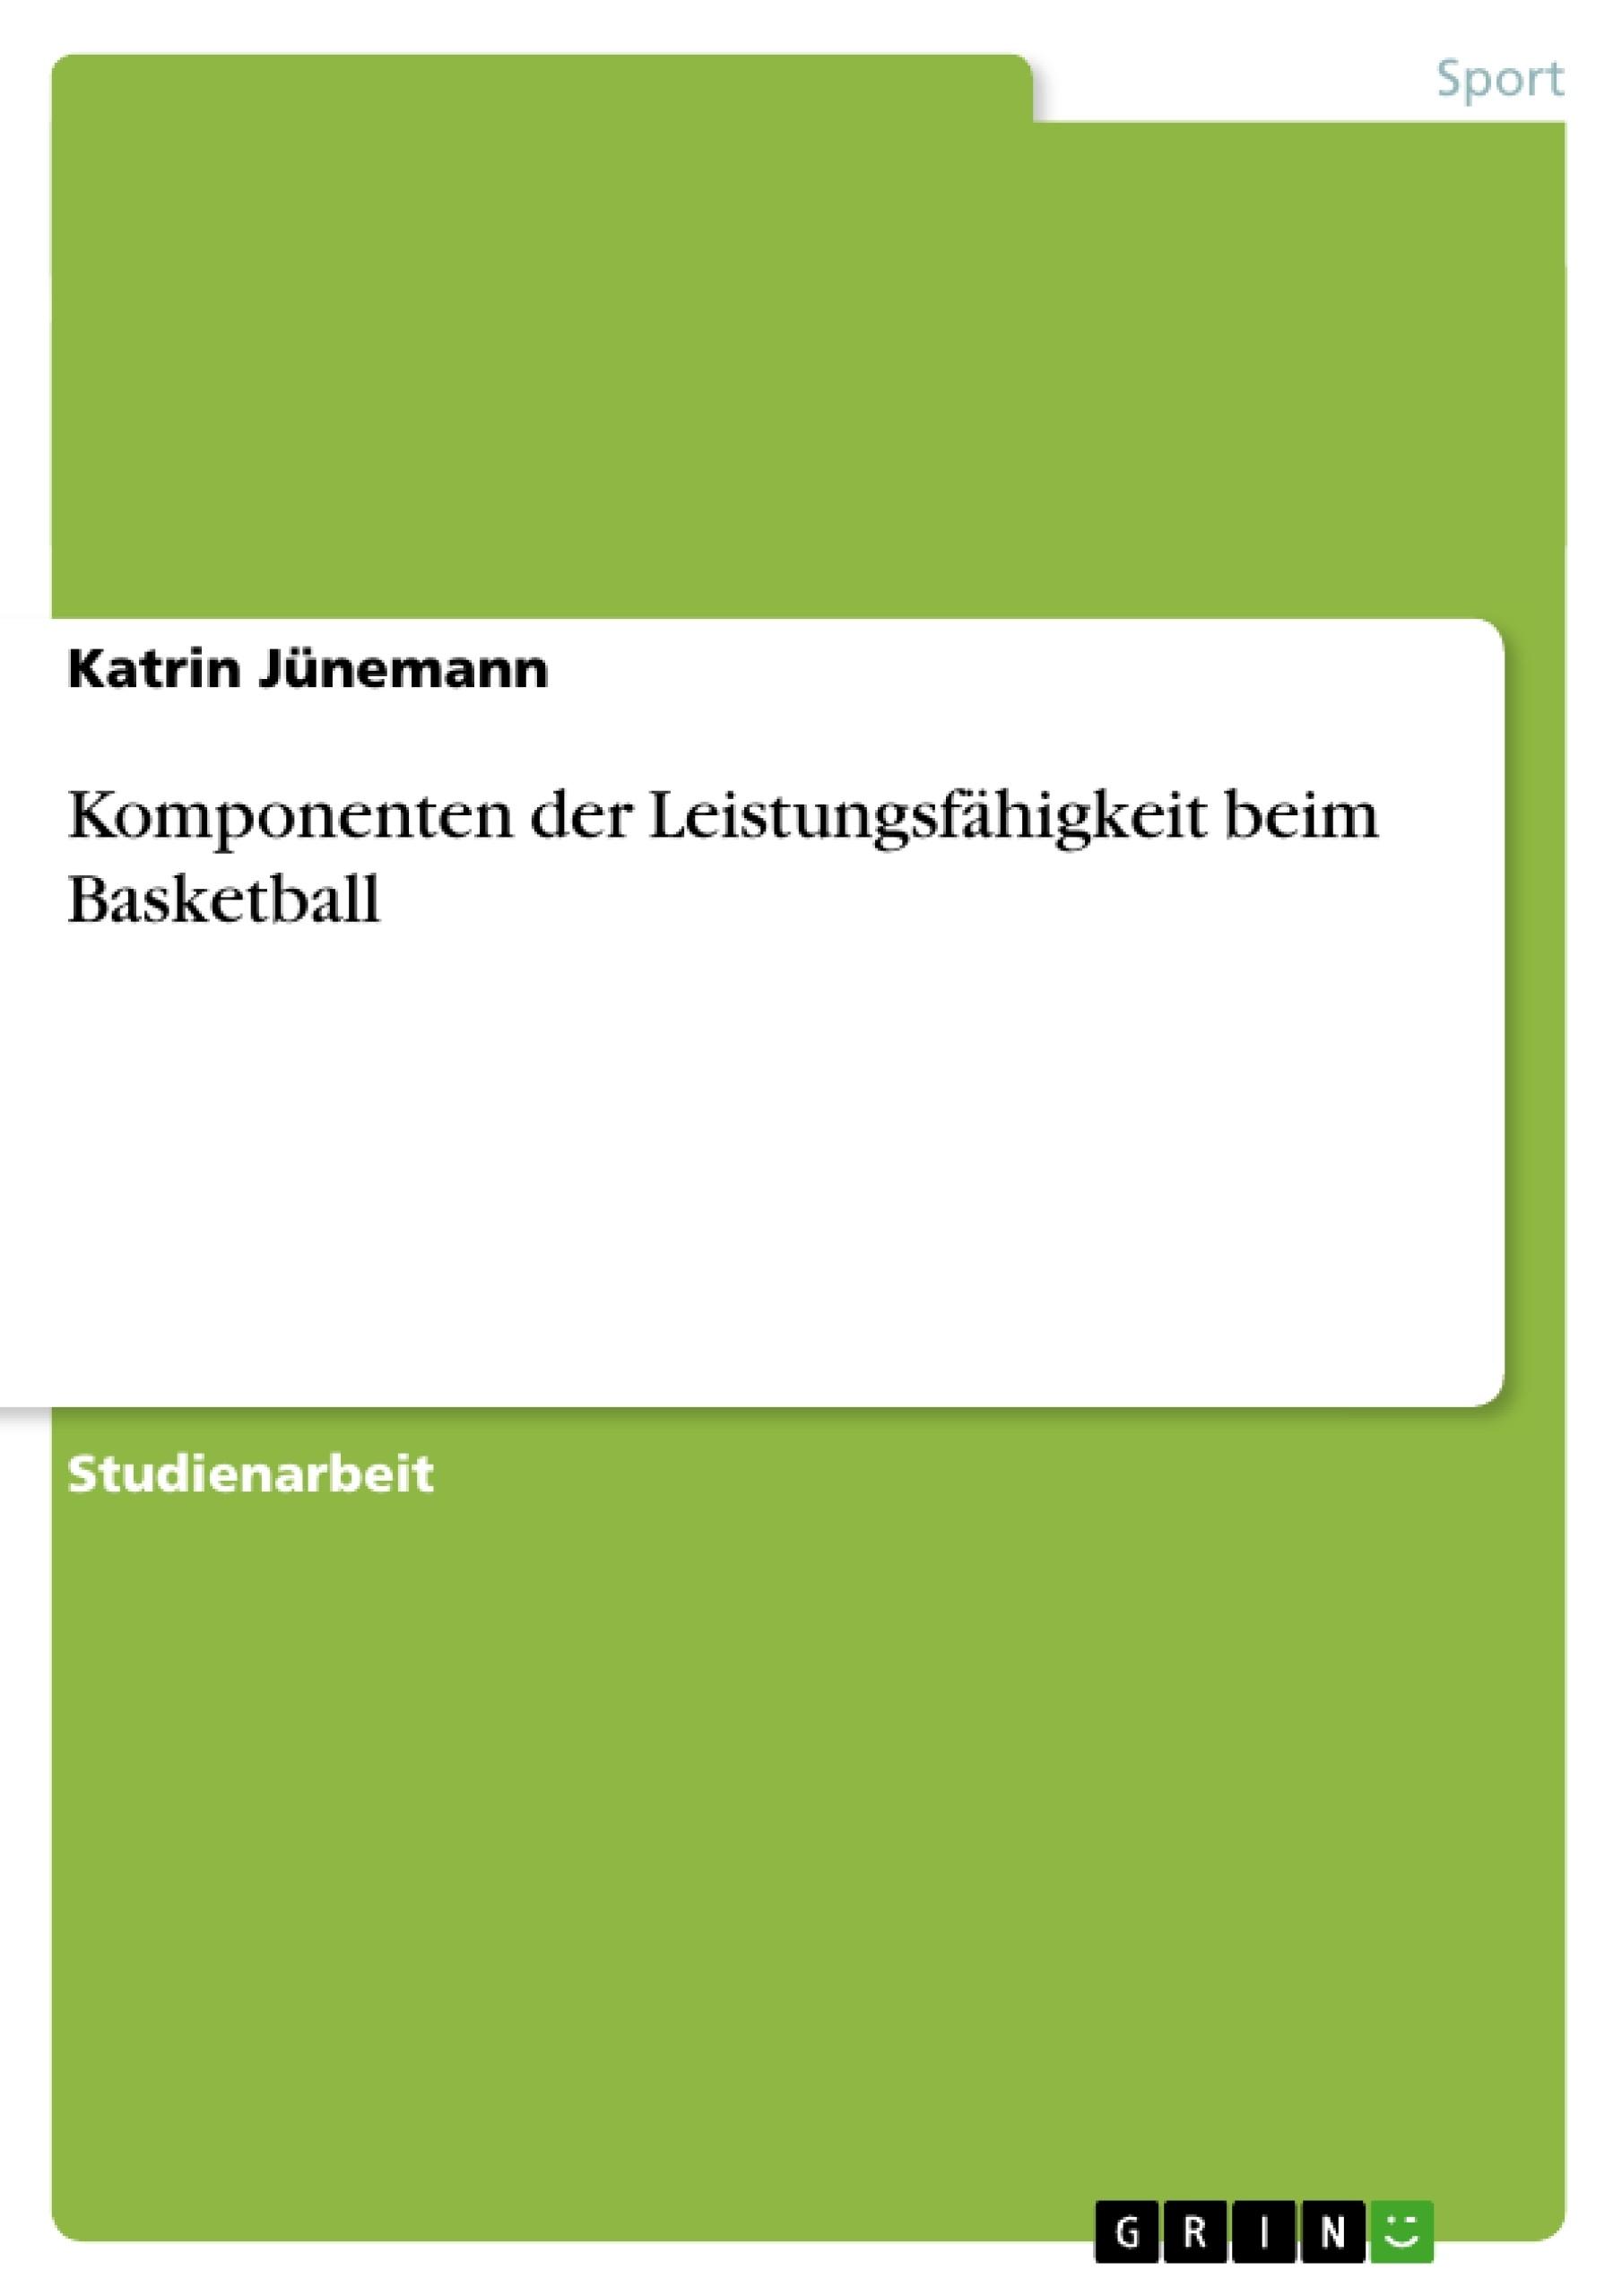 Komponenten der Leistungsfähigkeit beim Basketball | Masterarbeit ...